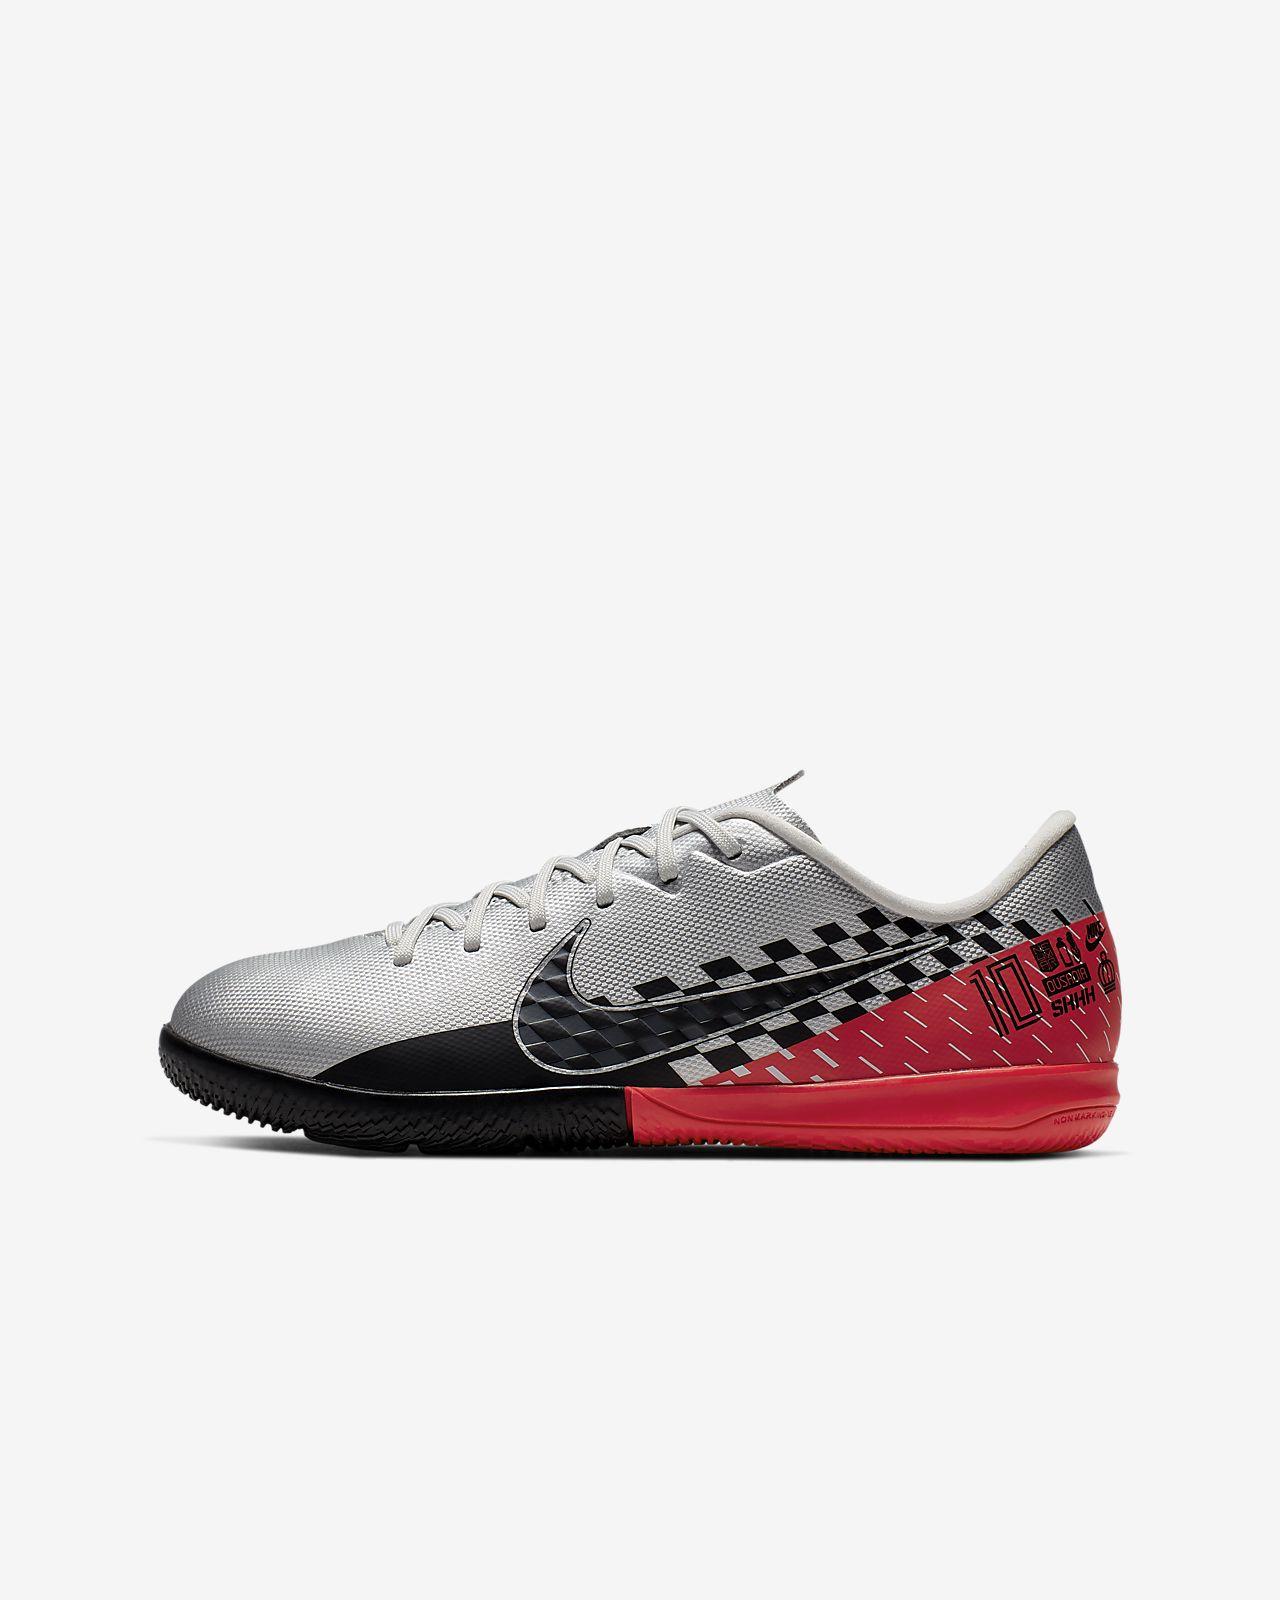 Chaussure de football en salle Nike Jr. Mercurial Vapor 13 Academy Neymar Jr. IC pour Enfant